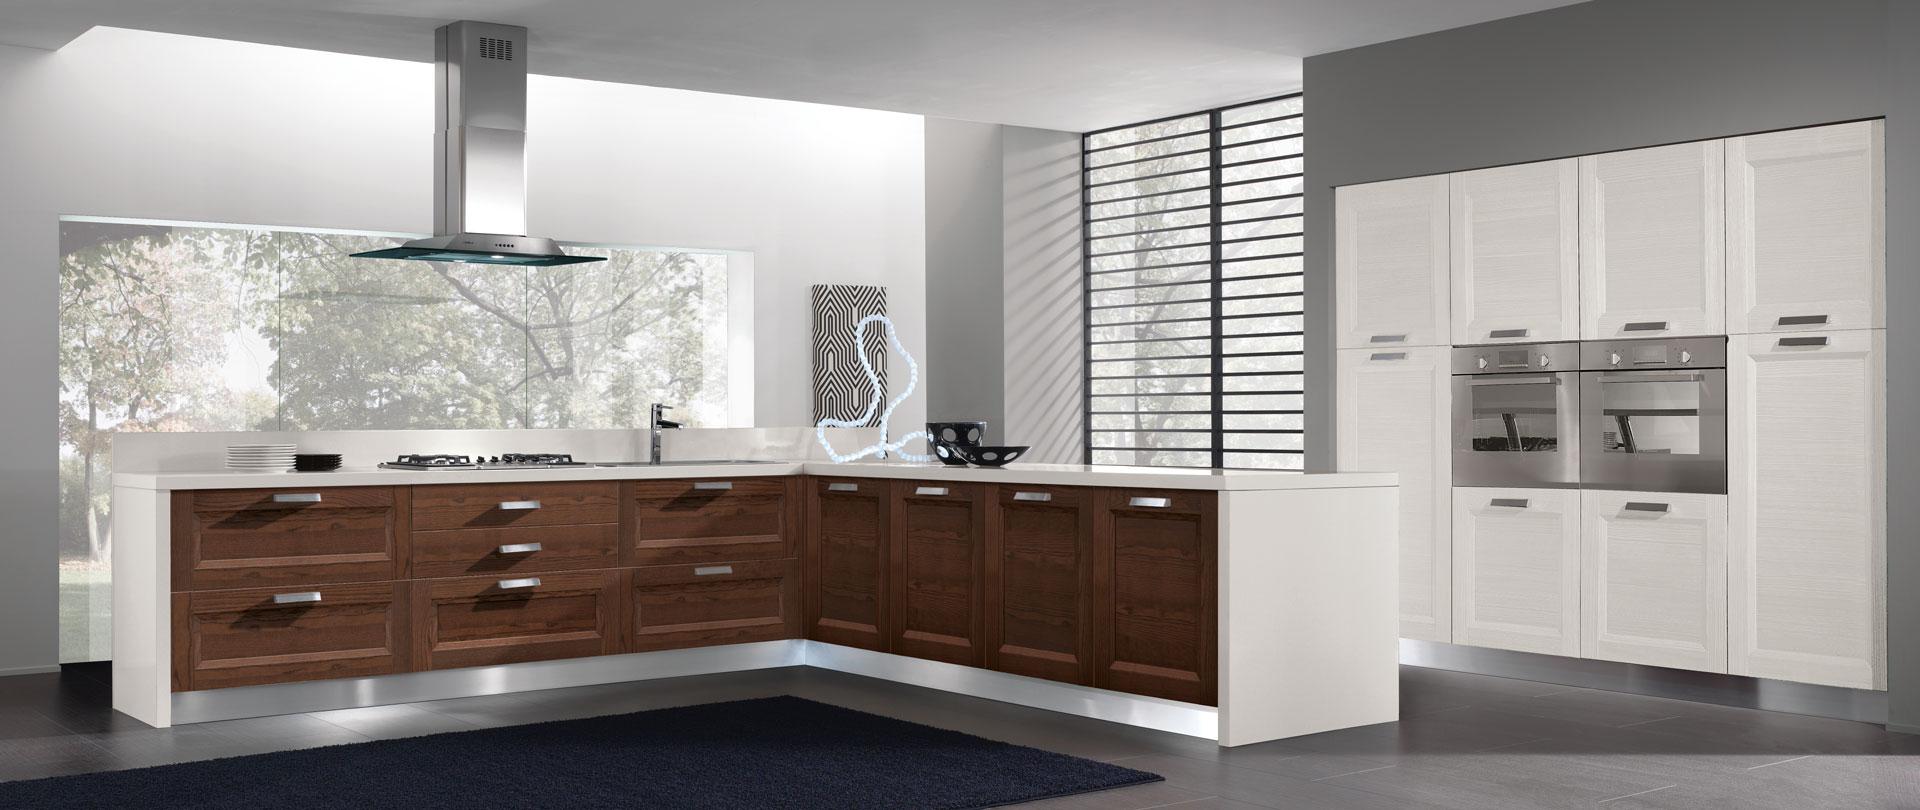 03-cucina-moderna-nina-caffe_bianco